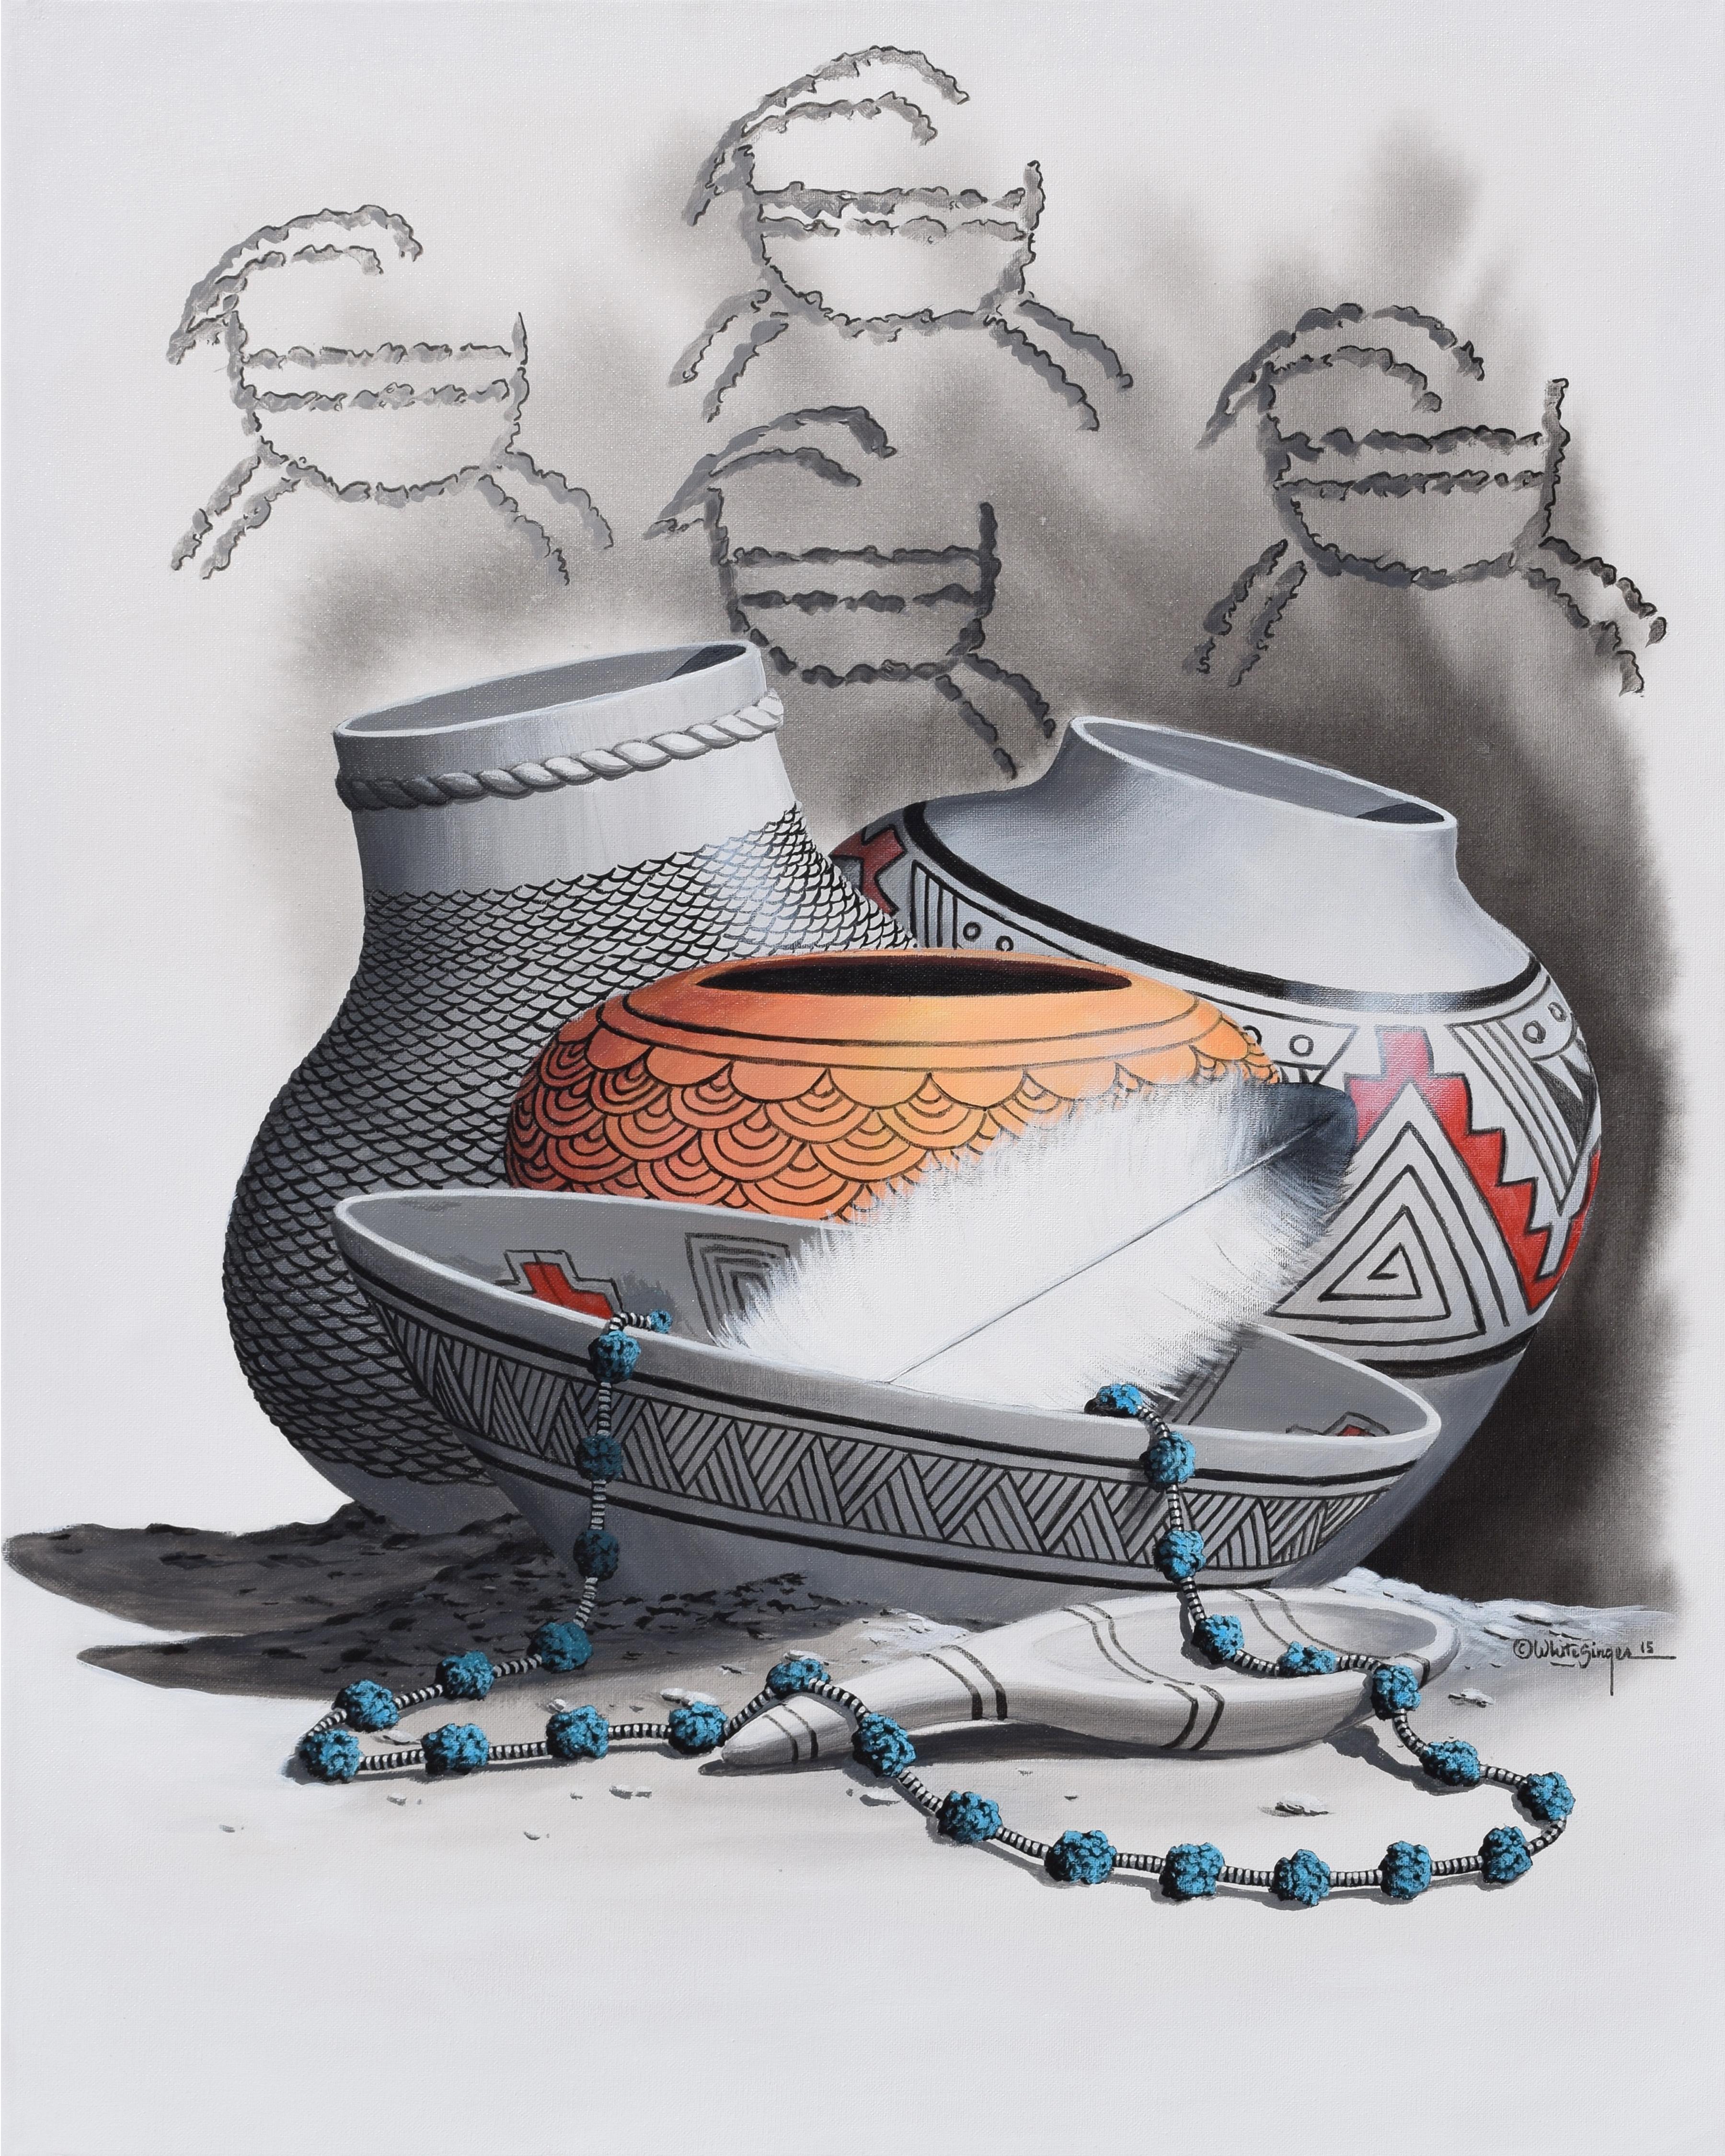 Anasazi Pottery